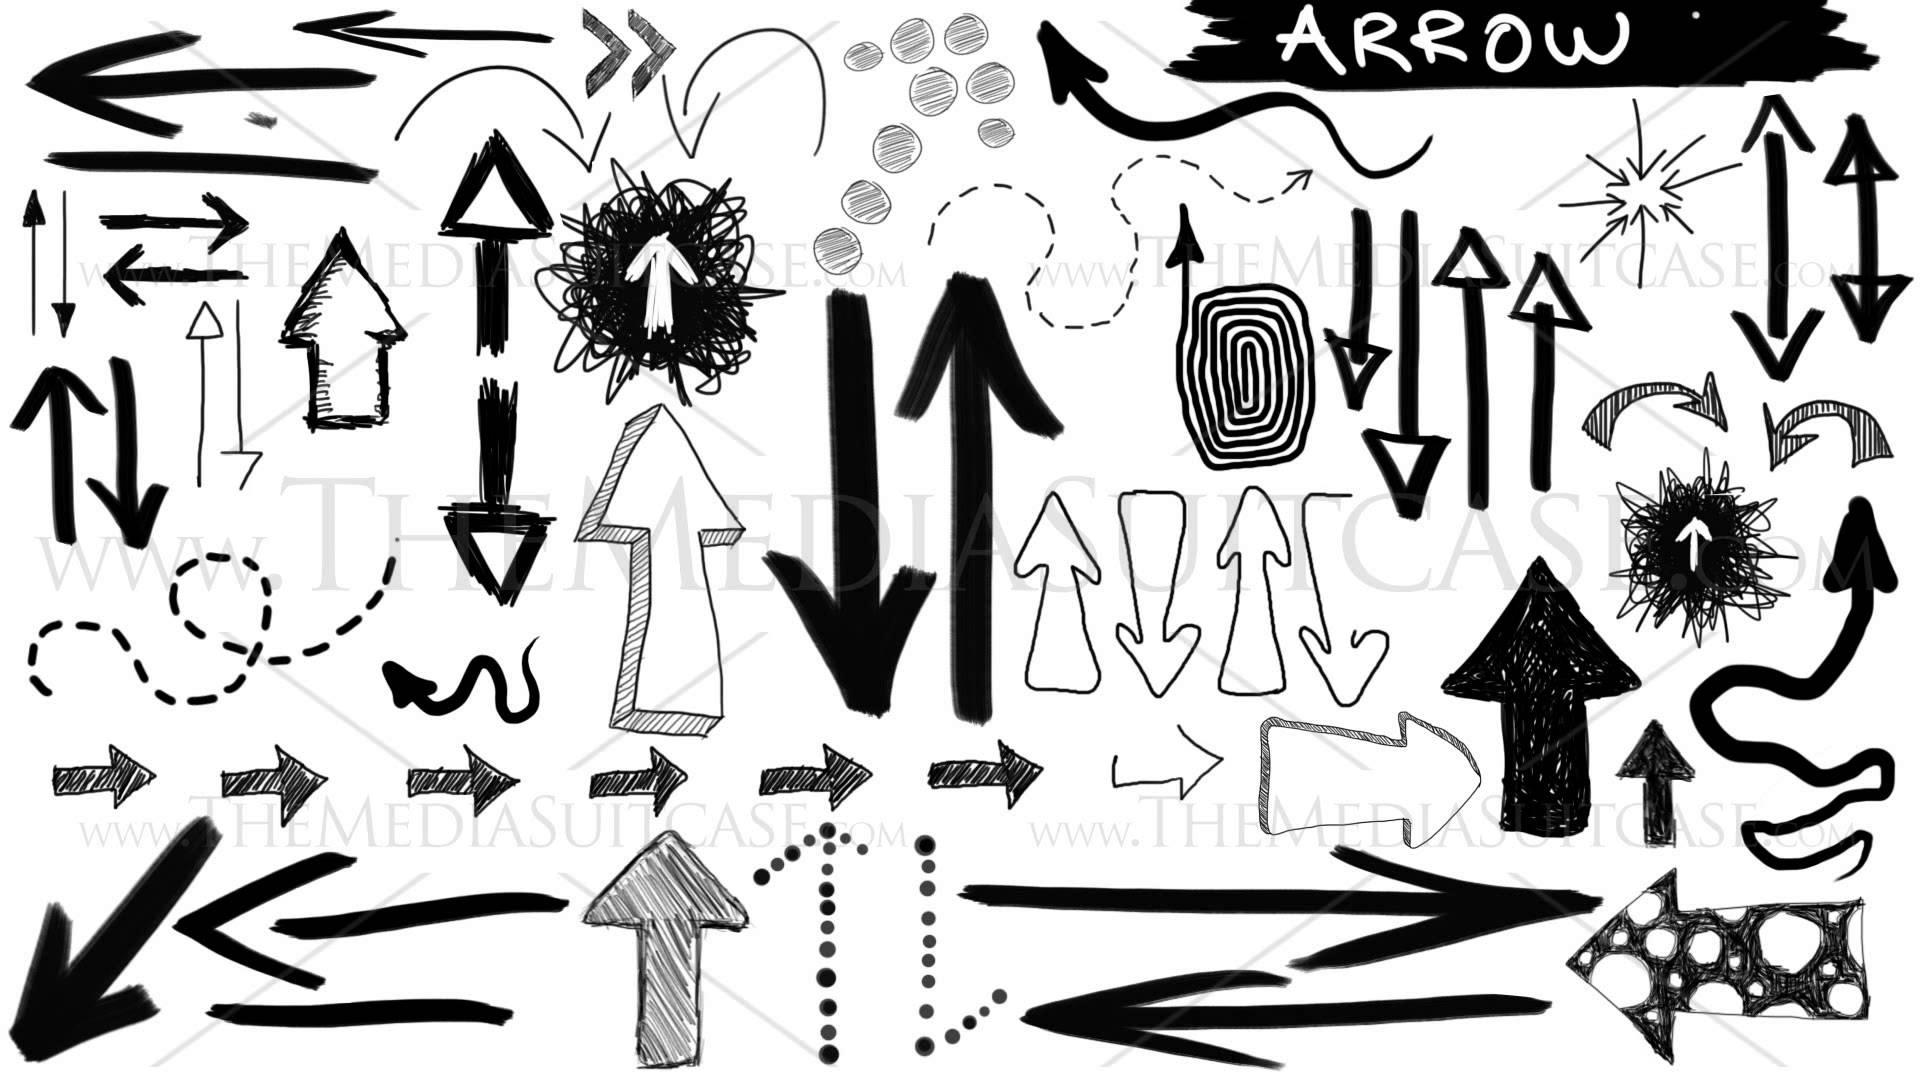 Drawn arrow sketch YouTube Animated Hand HD Drawn